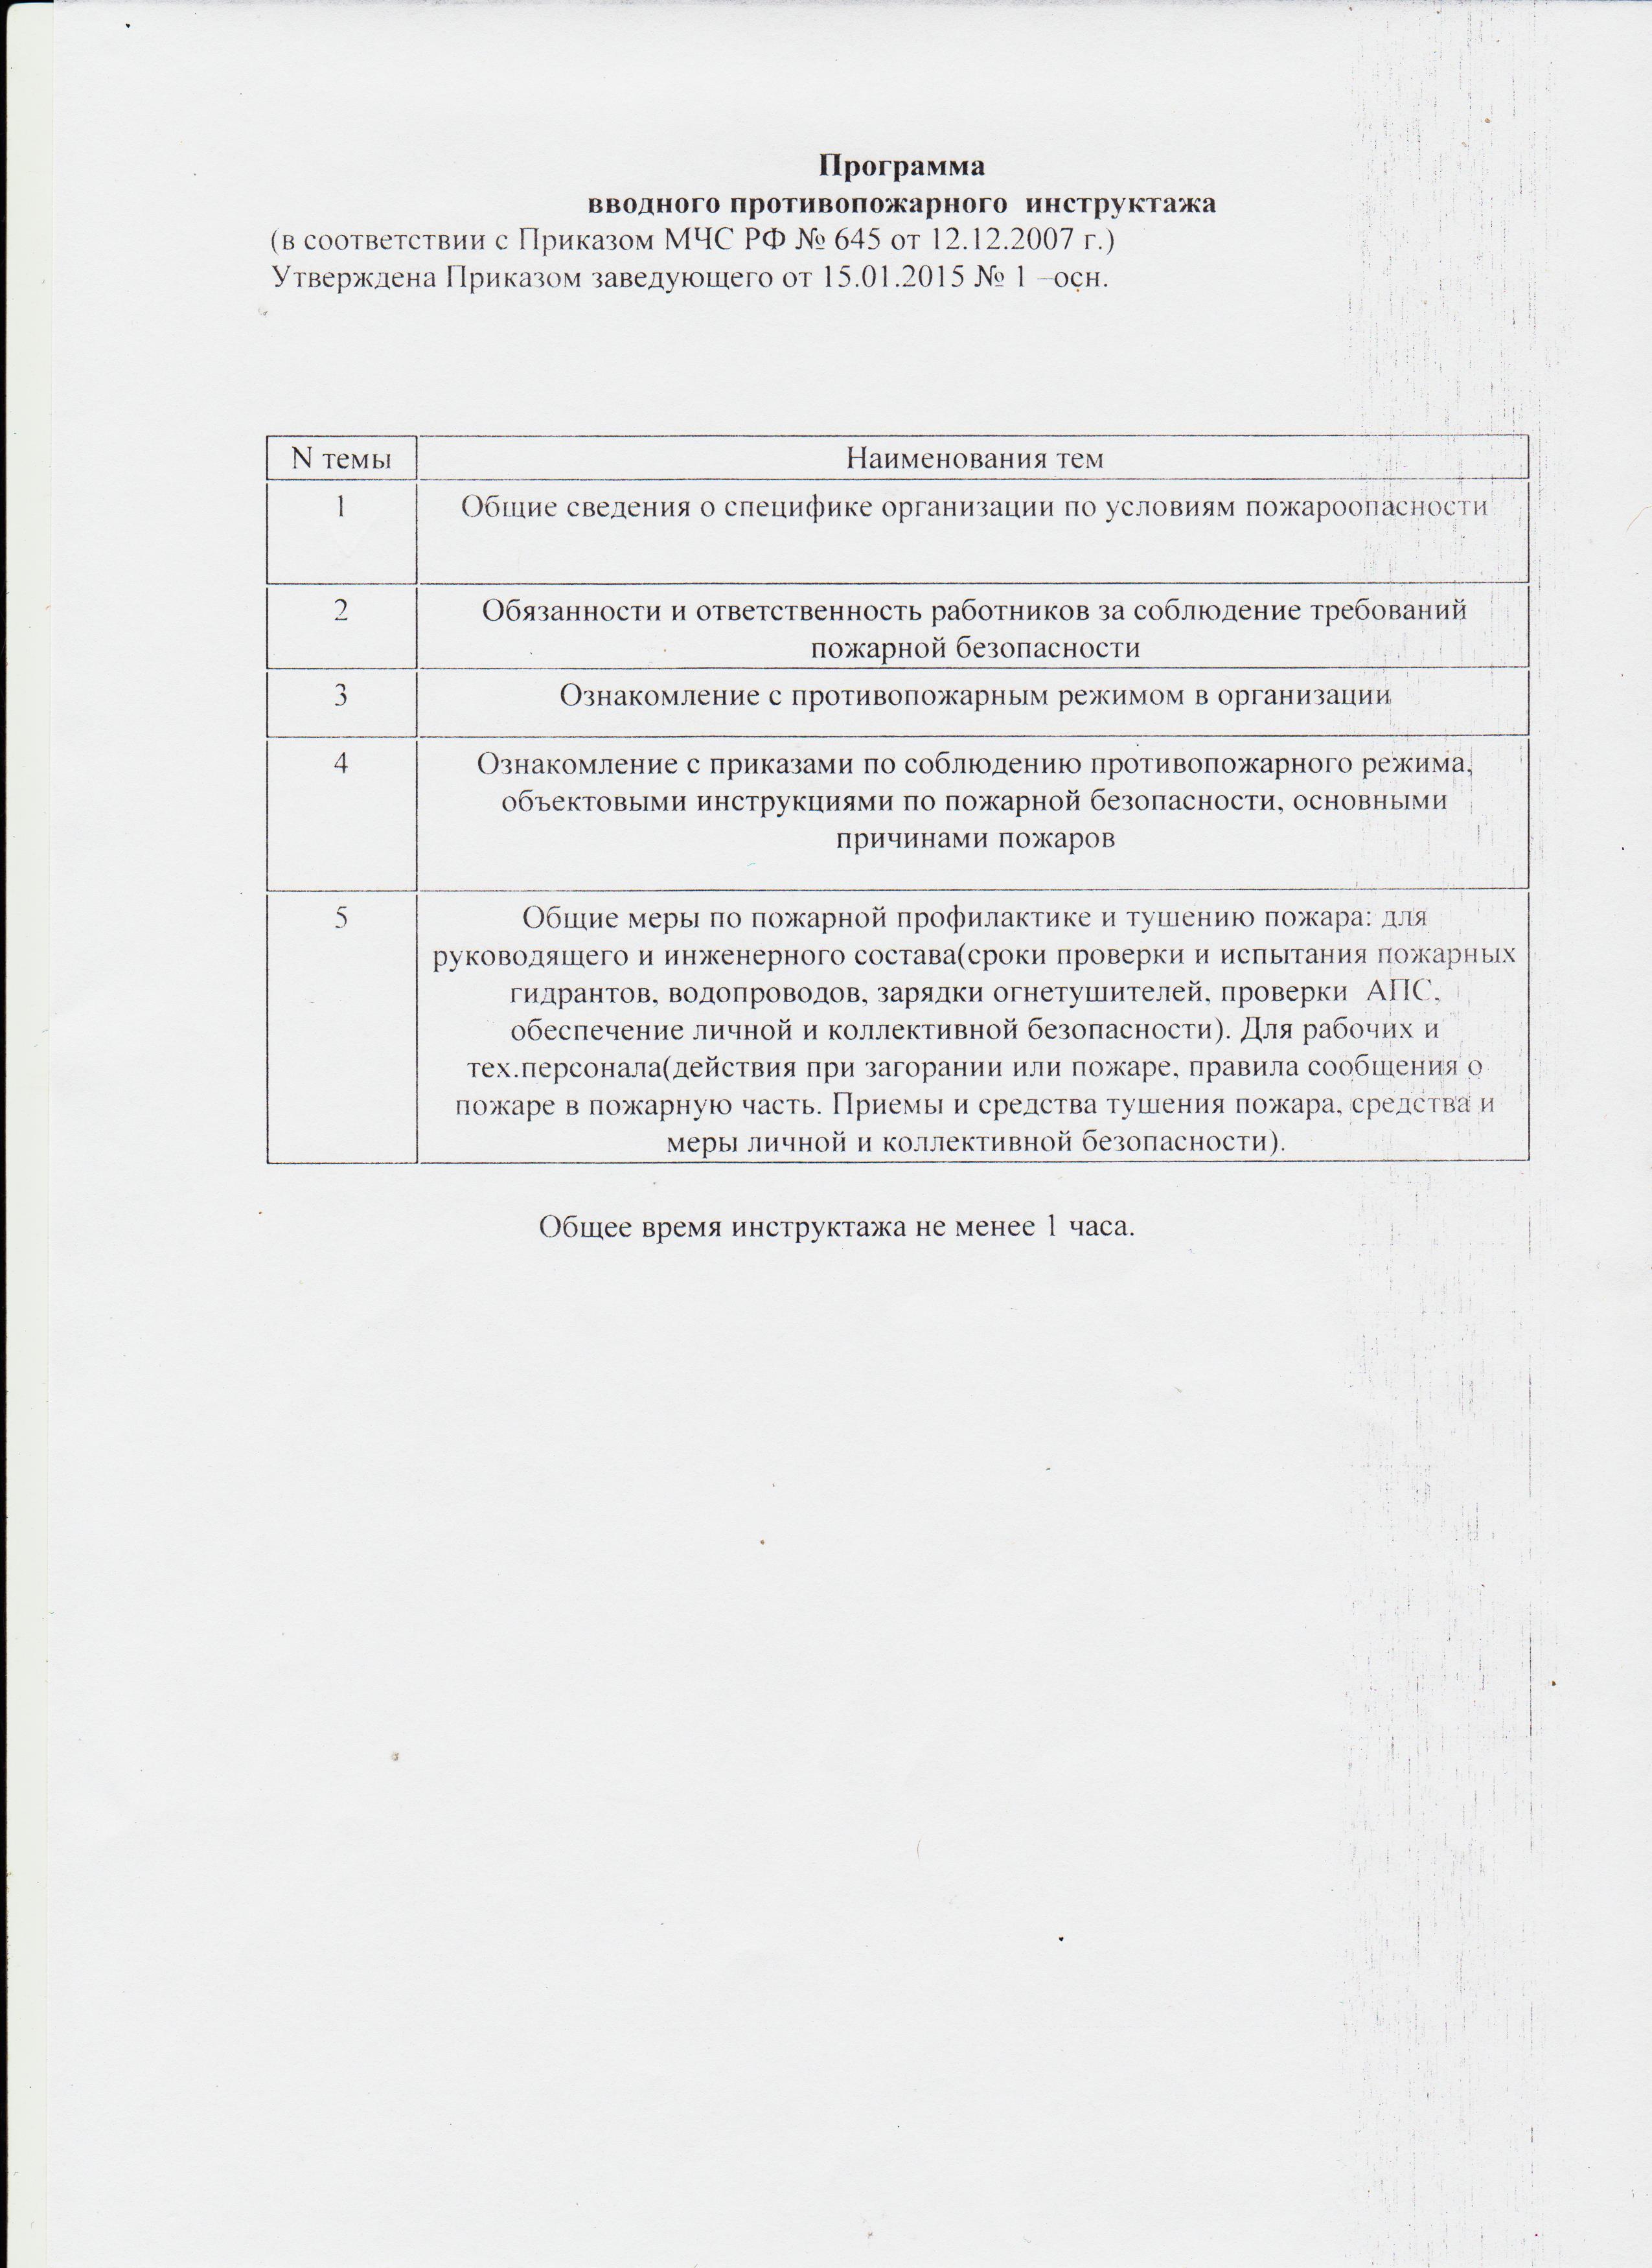 Вакансии урологов в поликлиниках москвы